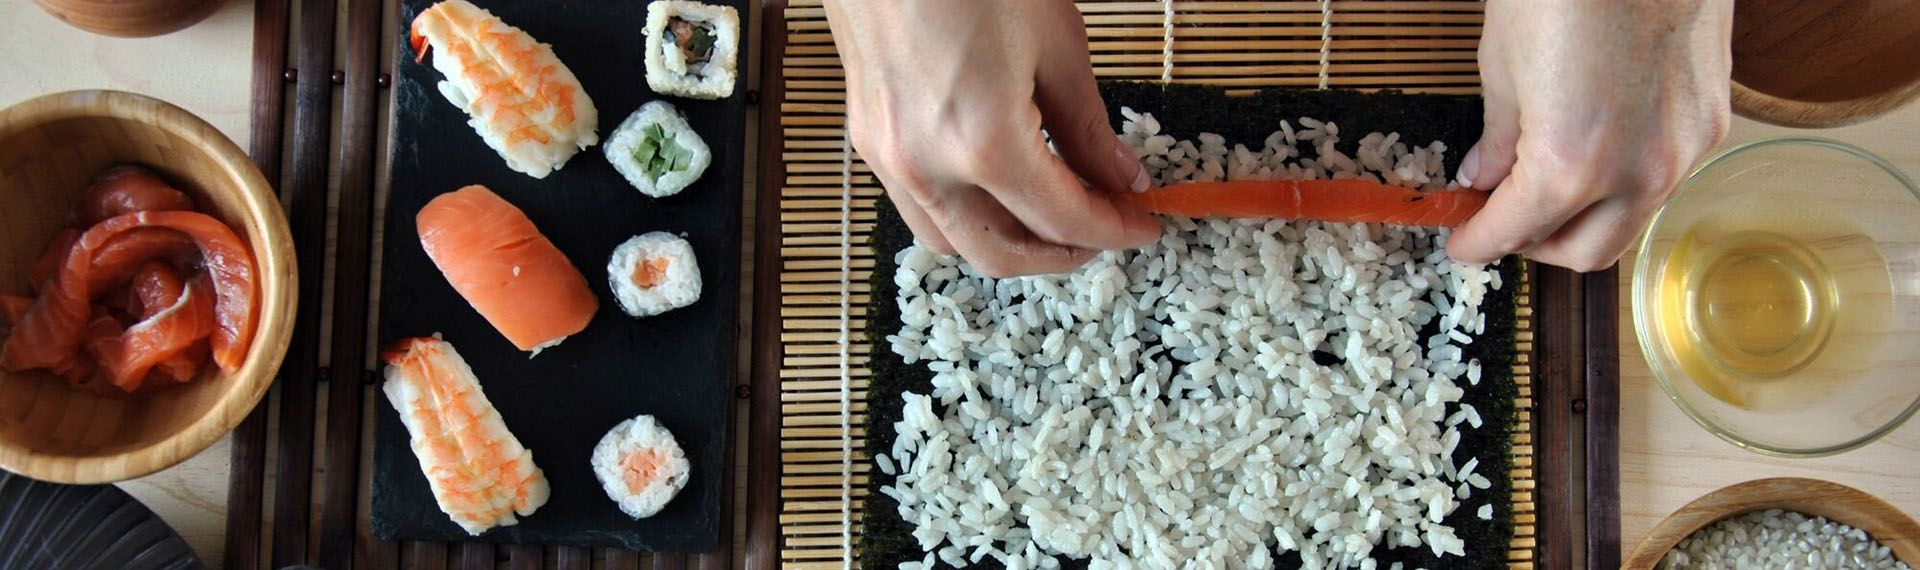 Замовити роли та суші. Чи краще приготувати вдома?